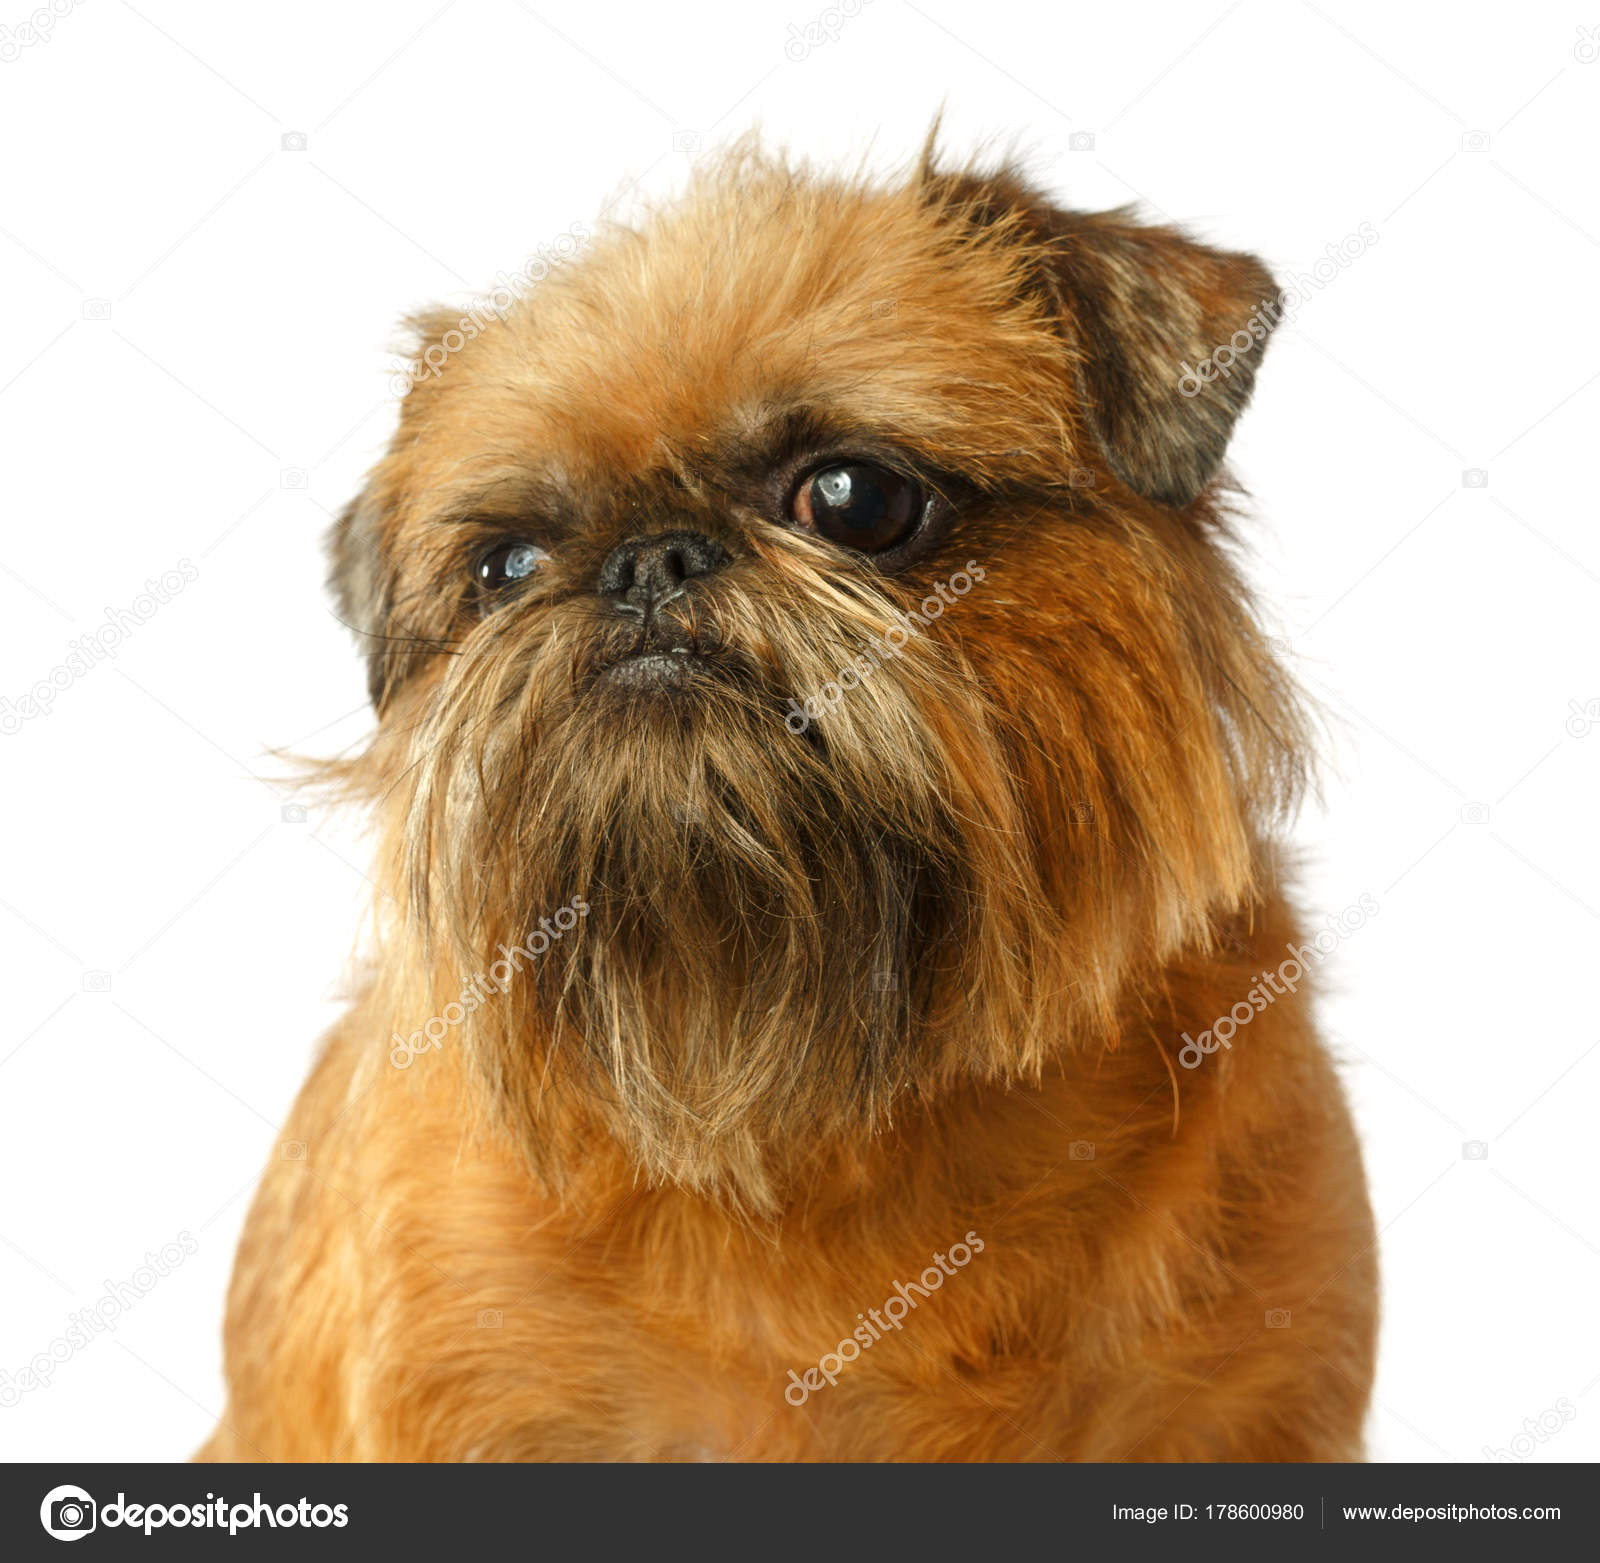 Psí Portrét Bruselský Grifonek Grifonek Pes Žlutý Pes Samostatný — Stock  fotografie f00b1e11a5